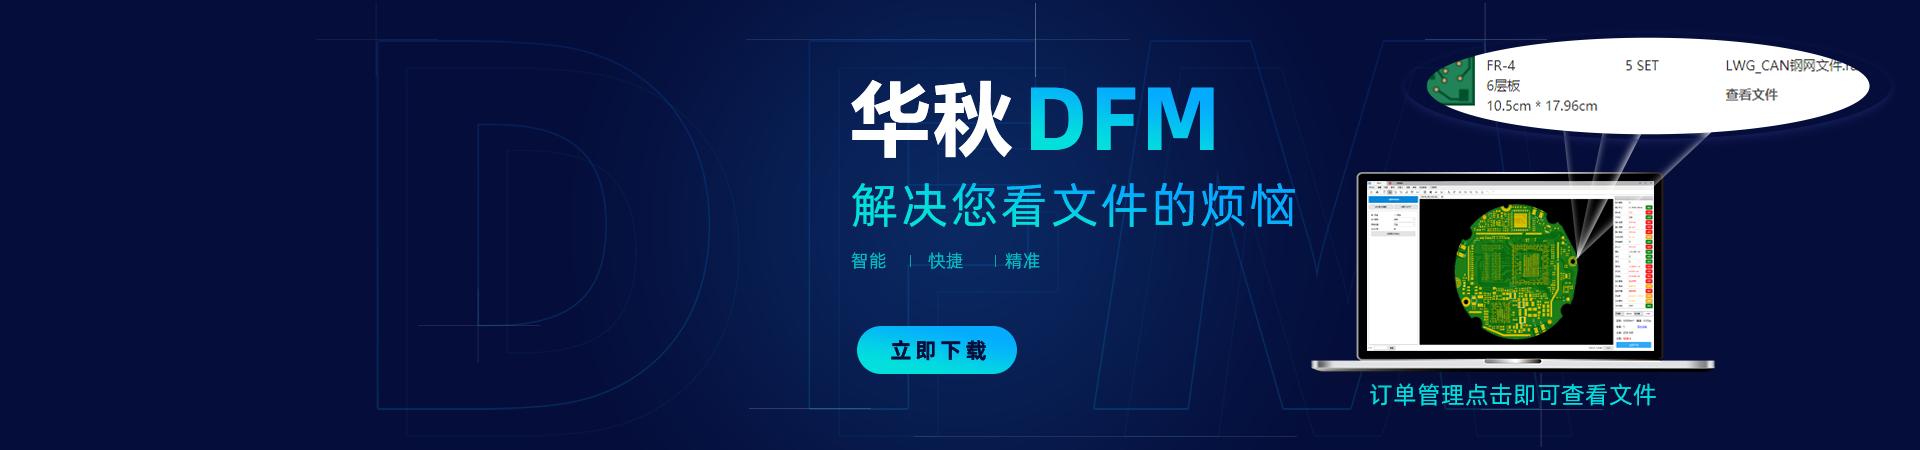 华秋DFM查看文件